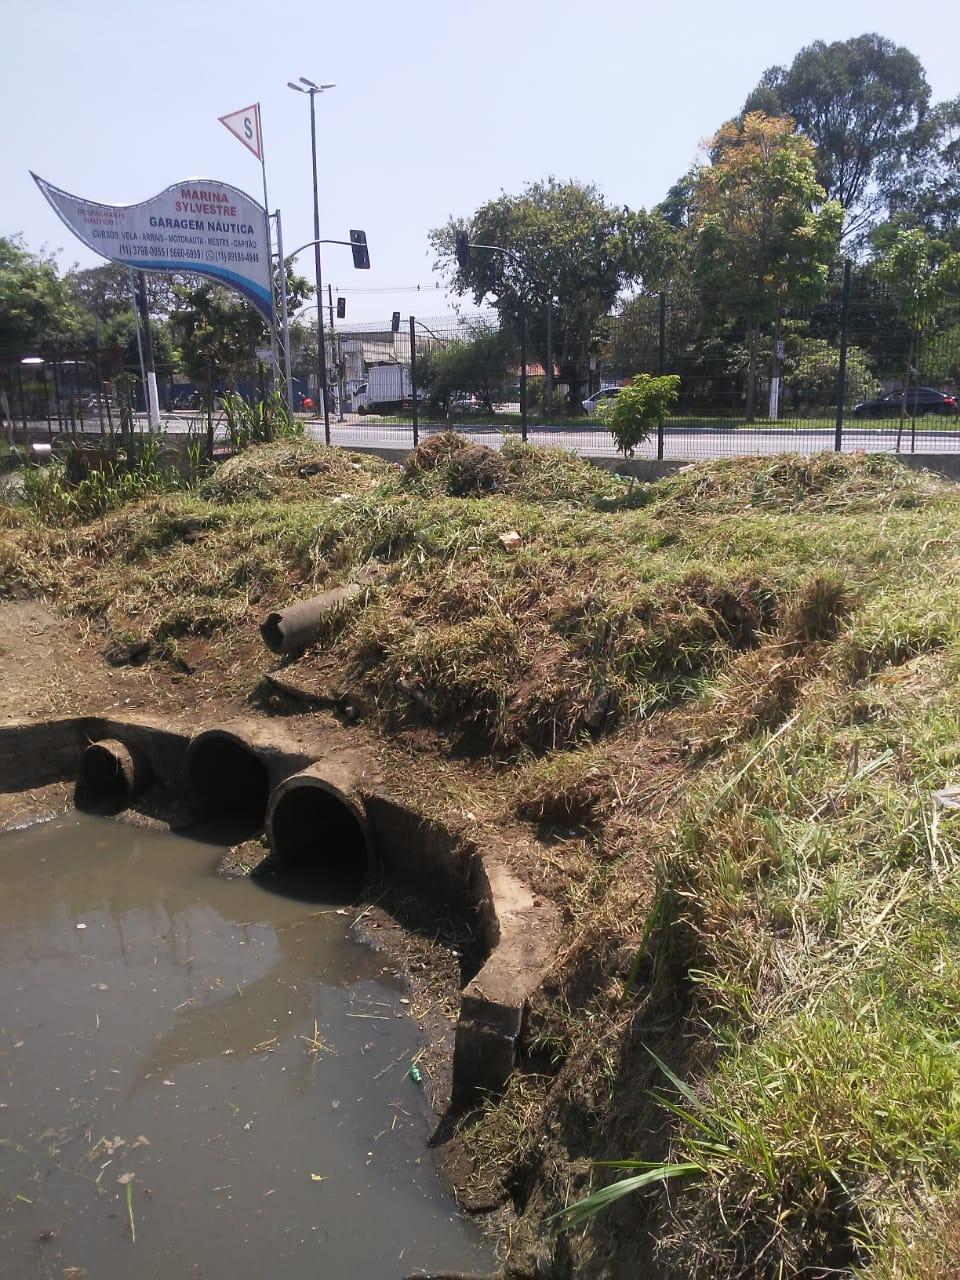 #PraCegoVer - Na primeira foto, a desembocadura do córrego da avenida (via Praça Israel), com sujeira e mato alto. Na segunda foto, a canalização do córrego já desobstruída.